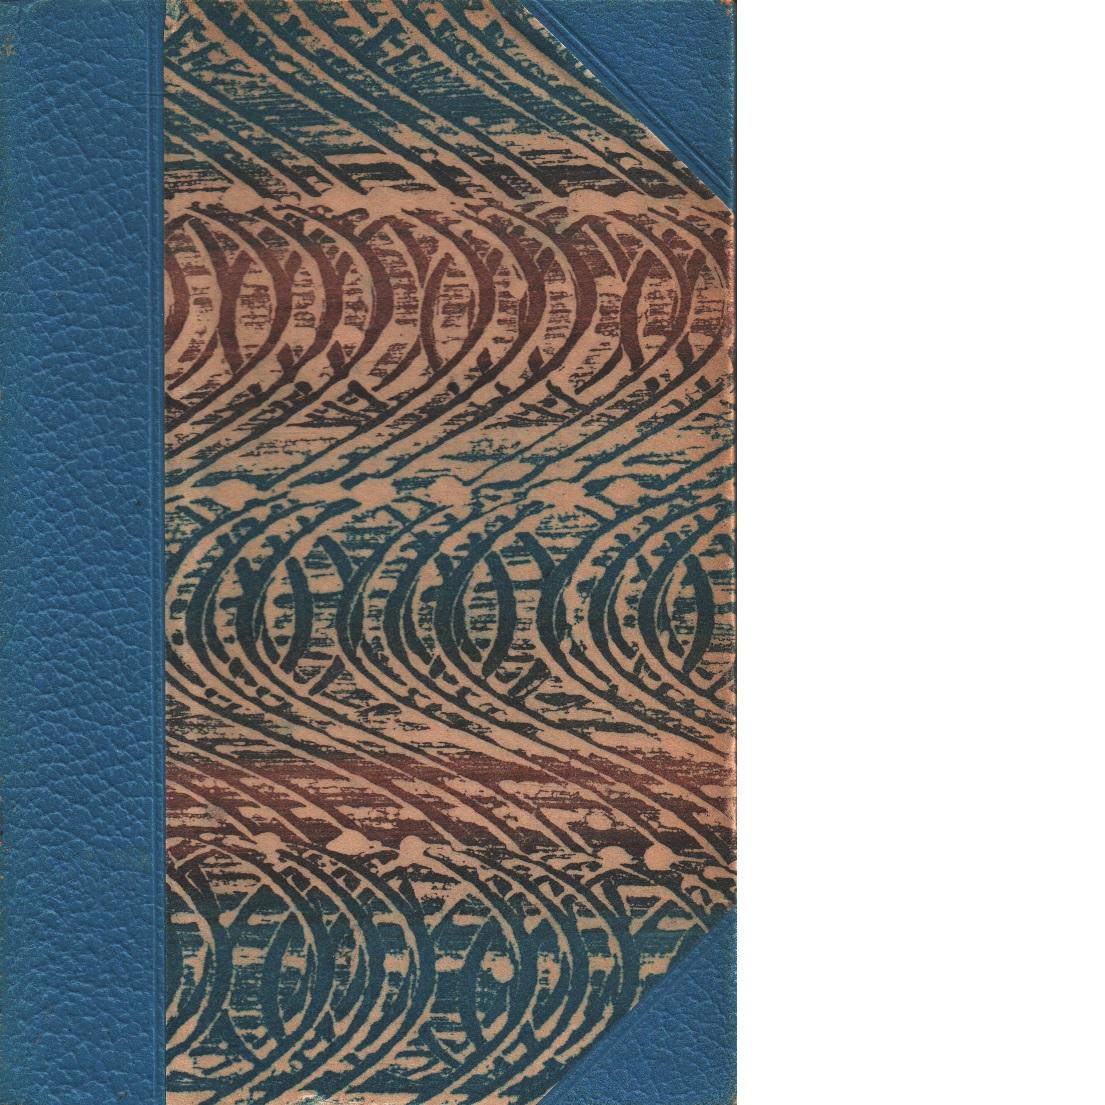 Fattigadel, III : samlade skrifter - Krusenstjerna, Agnes Von